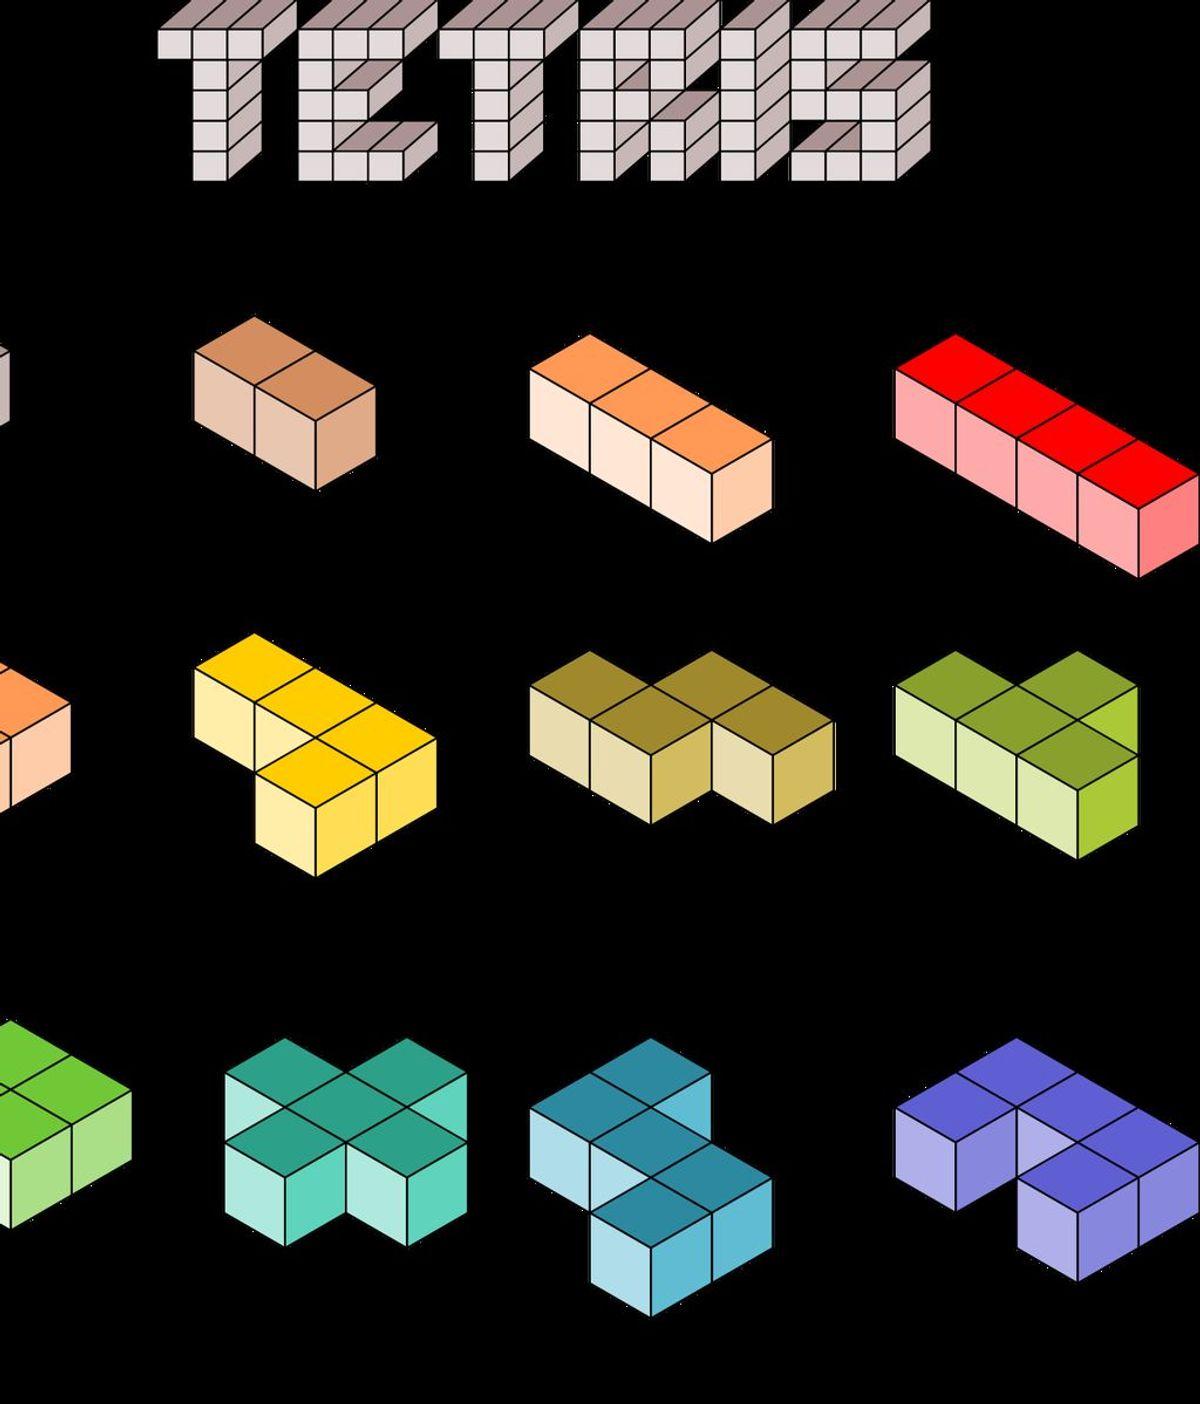 Origen del tetris, ese juego mítico al que tantas horas has dedicado